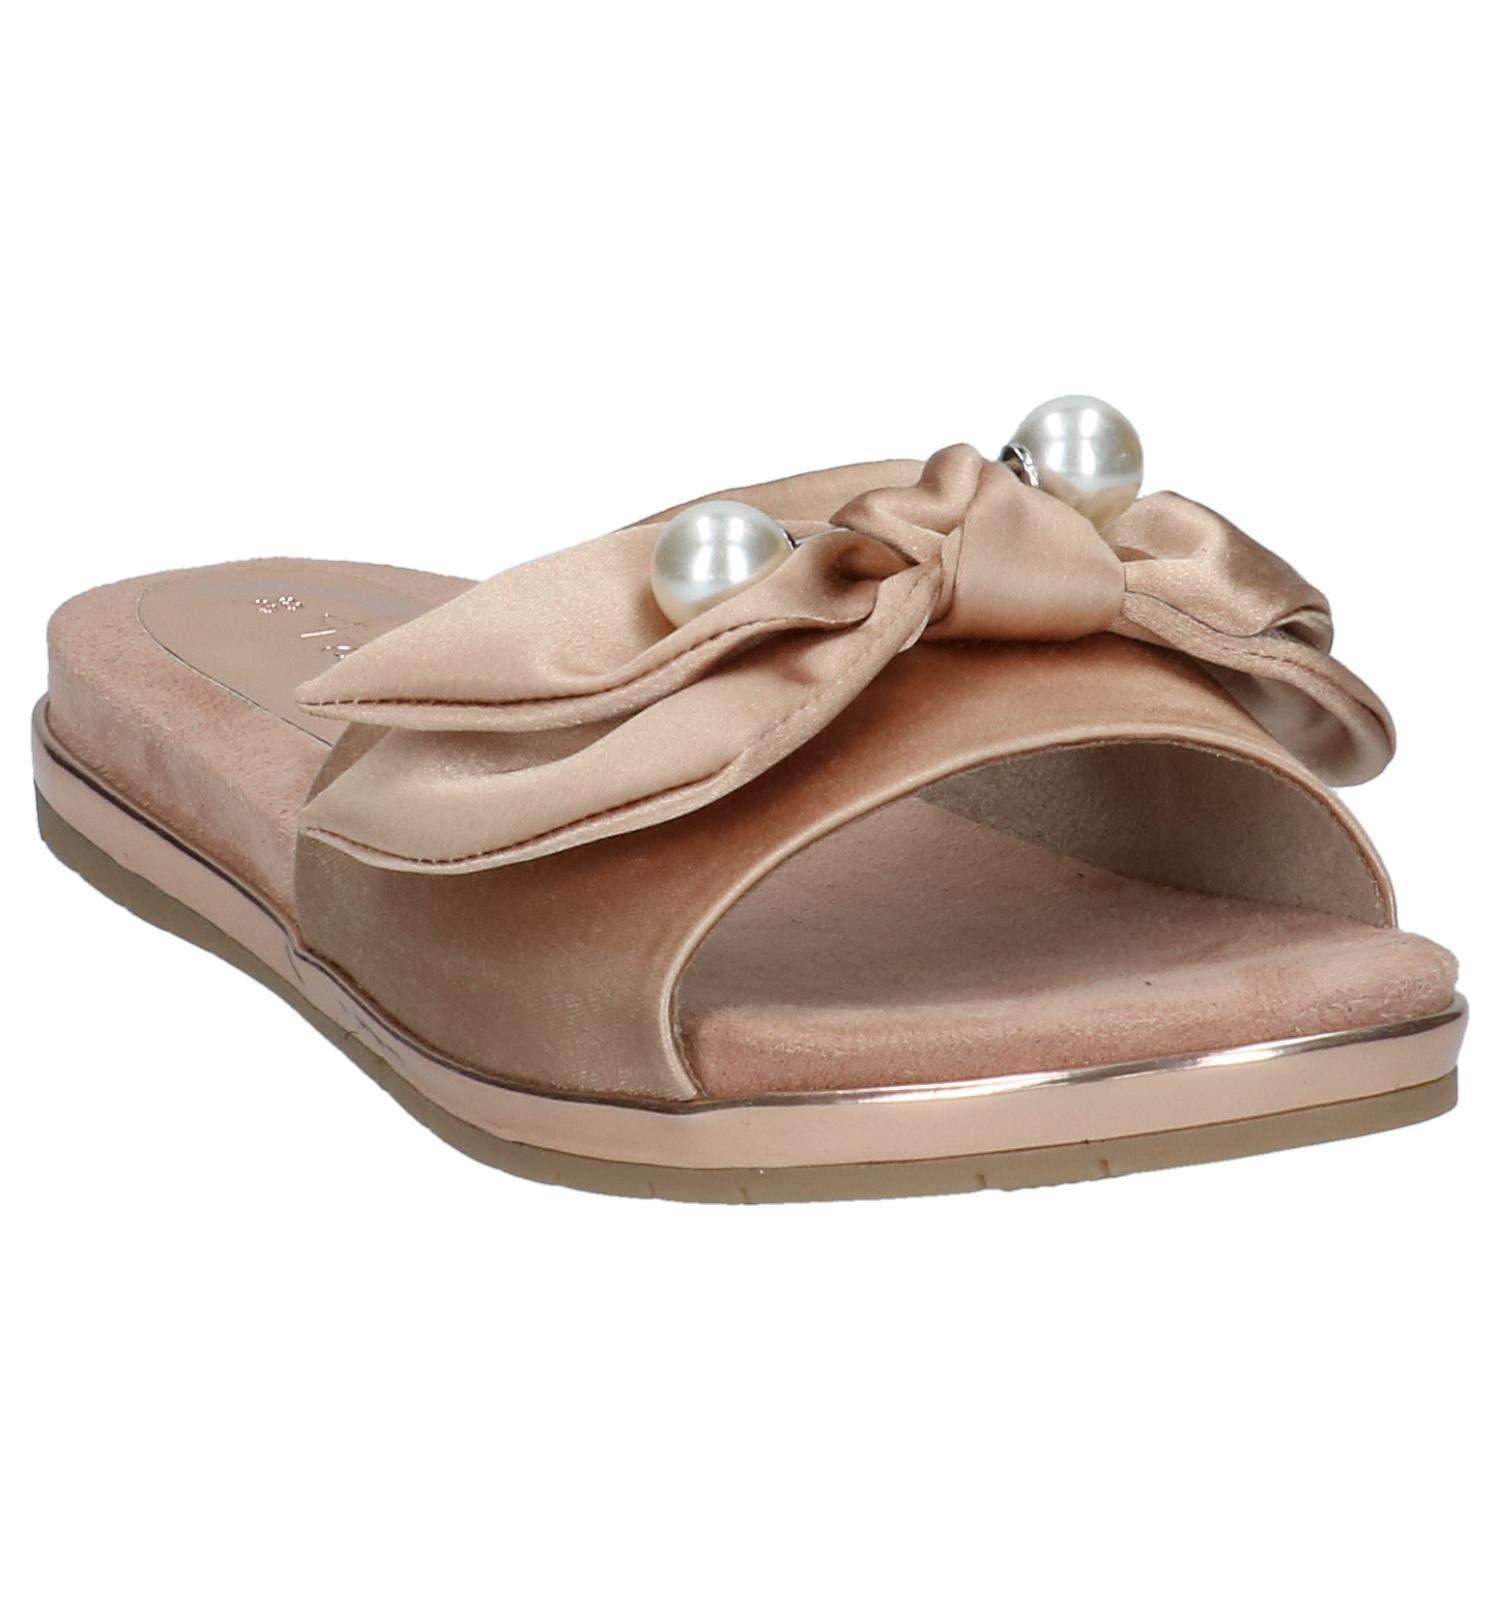 Tamaris Roze Slippers met Bloemen   TORFS.BE   Gratis